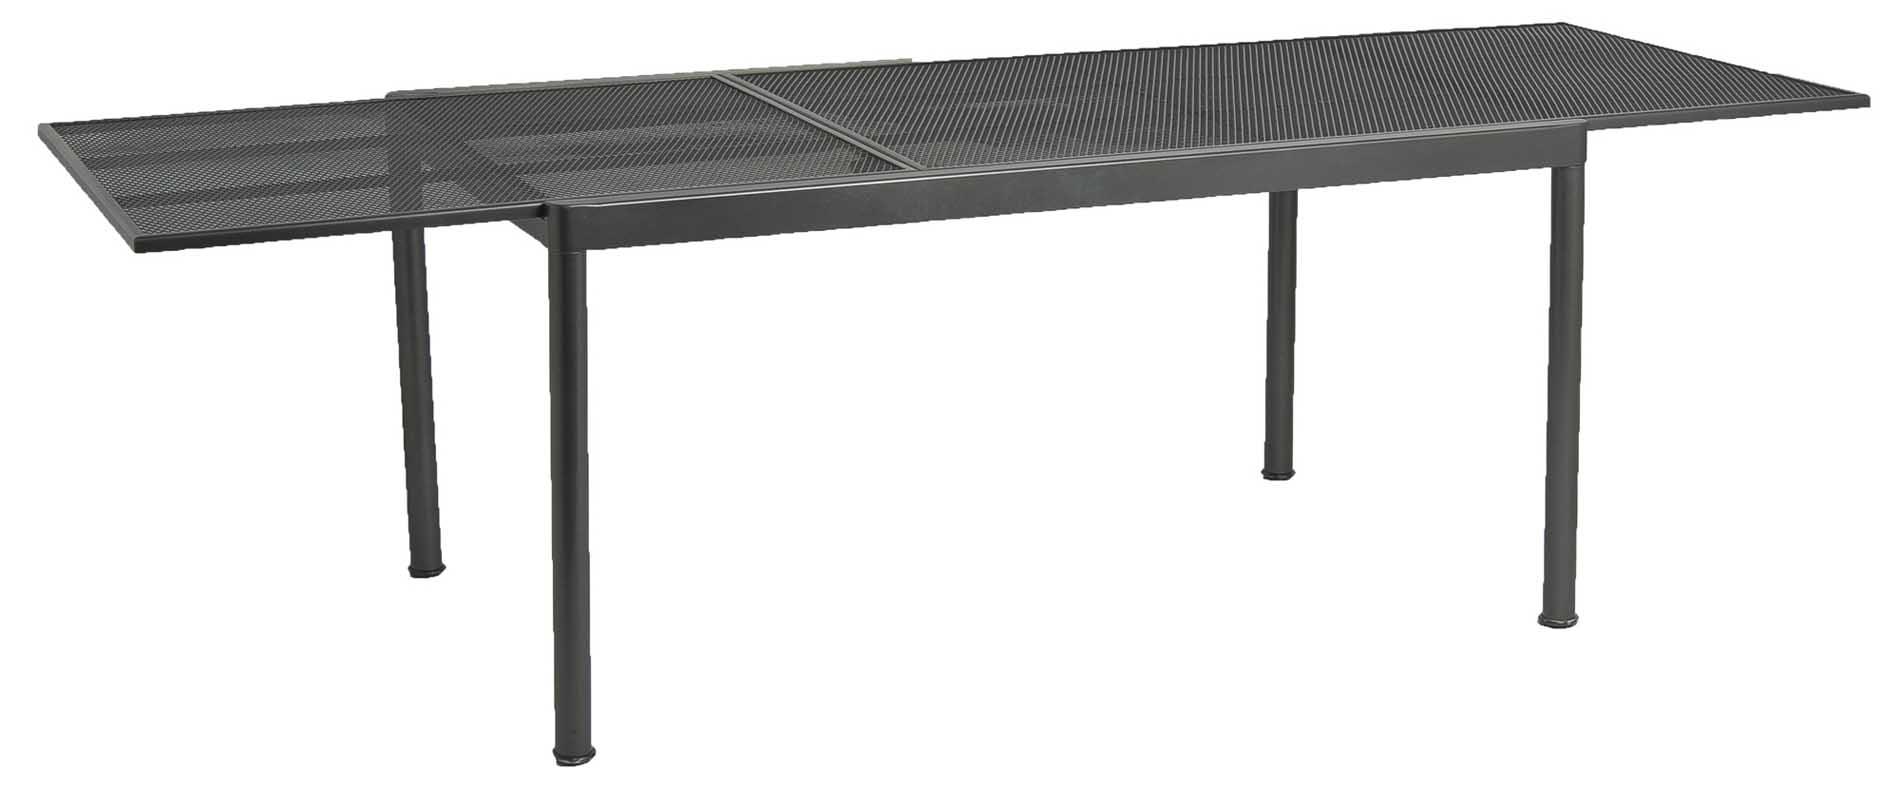 Table extensible en acier gris 150-270 cm